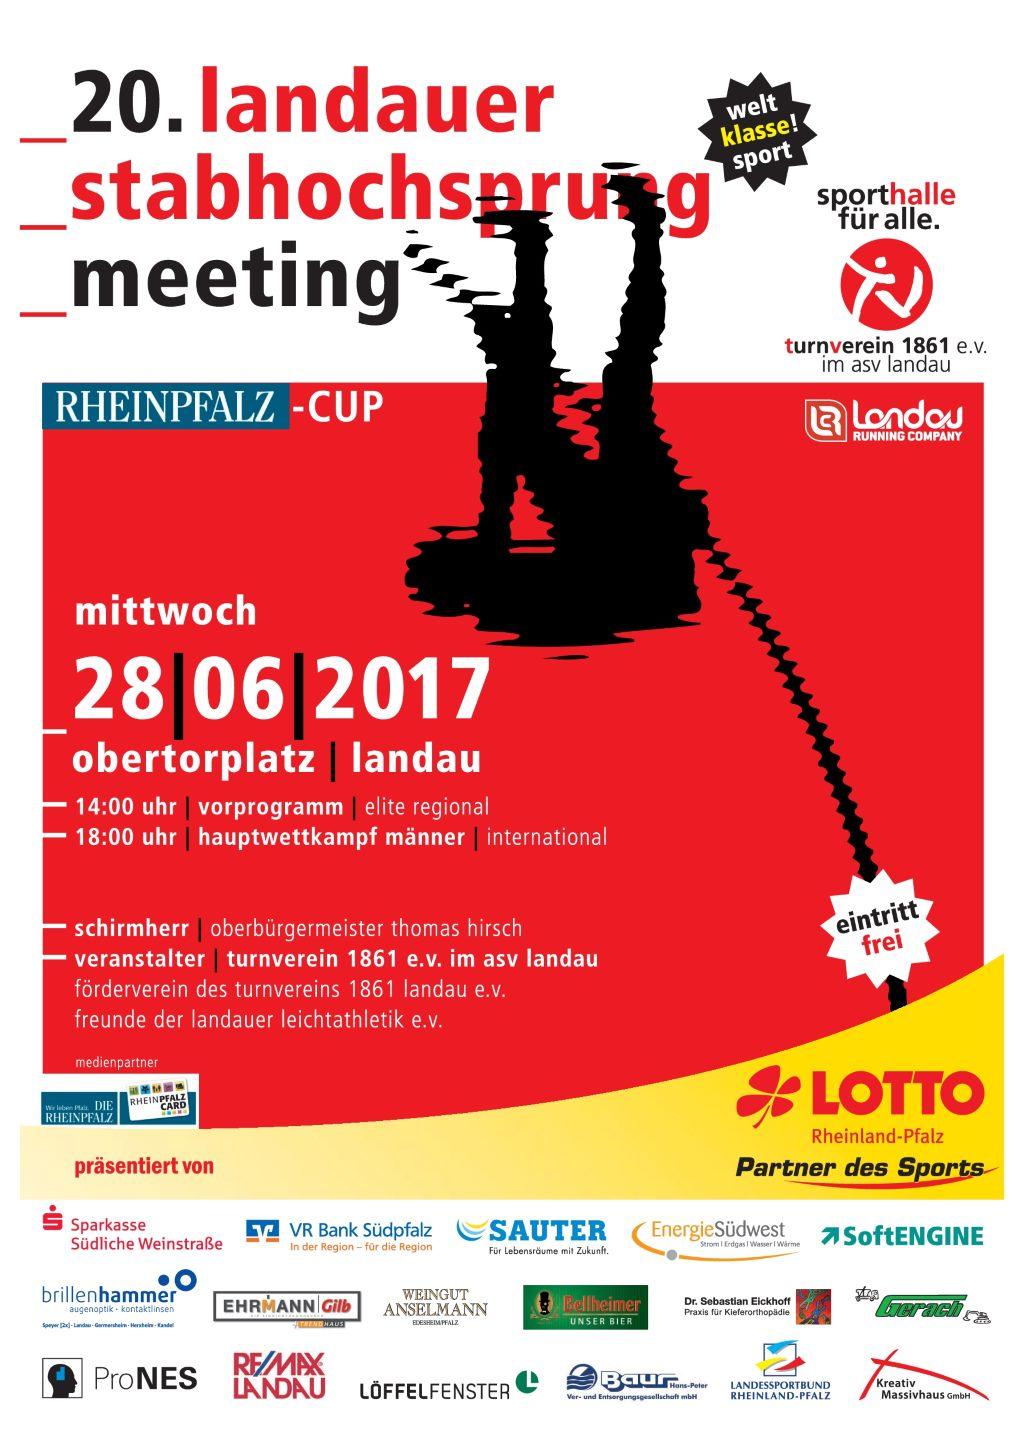 20_landauer_stabhochsprung_meeting